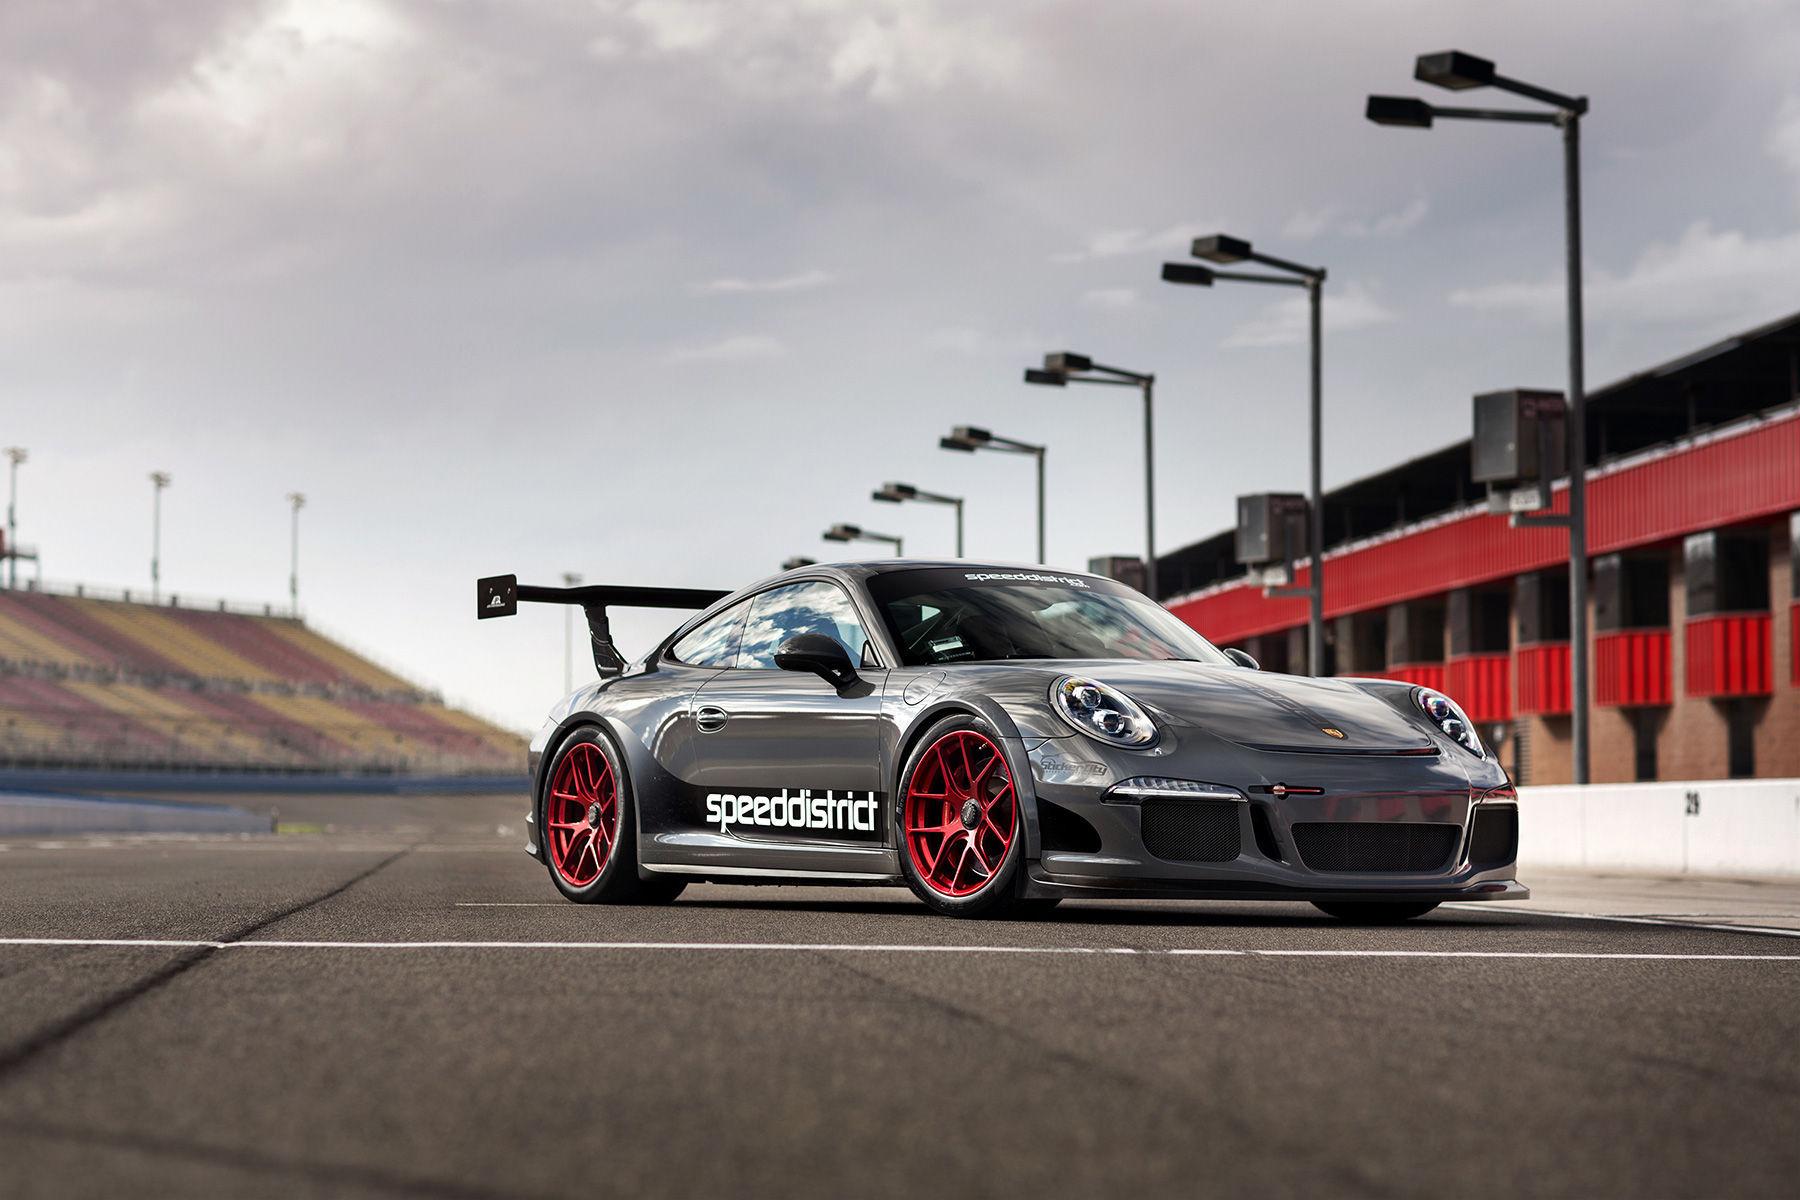 2015 Porsche 911 | Josh Shokri's Speed District 991 Porsche GT3 on Forgeline One Piece Forged Monoblock VX1R Wheels